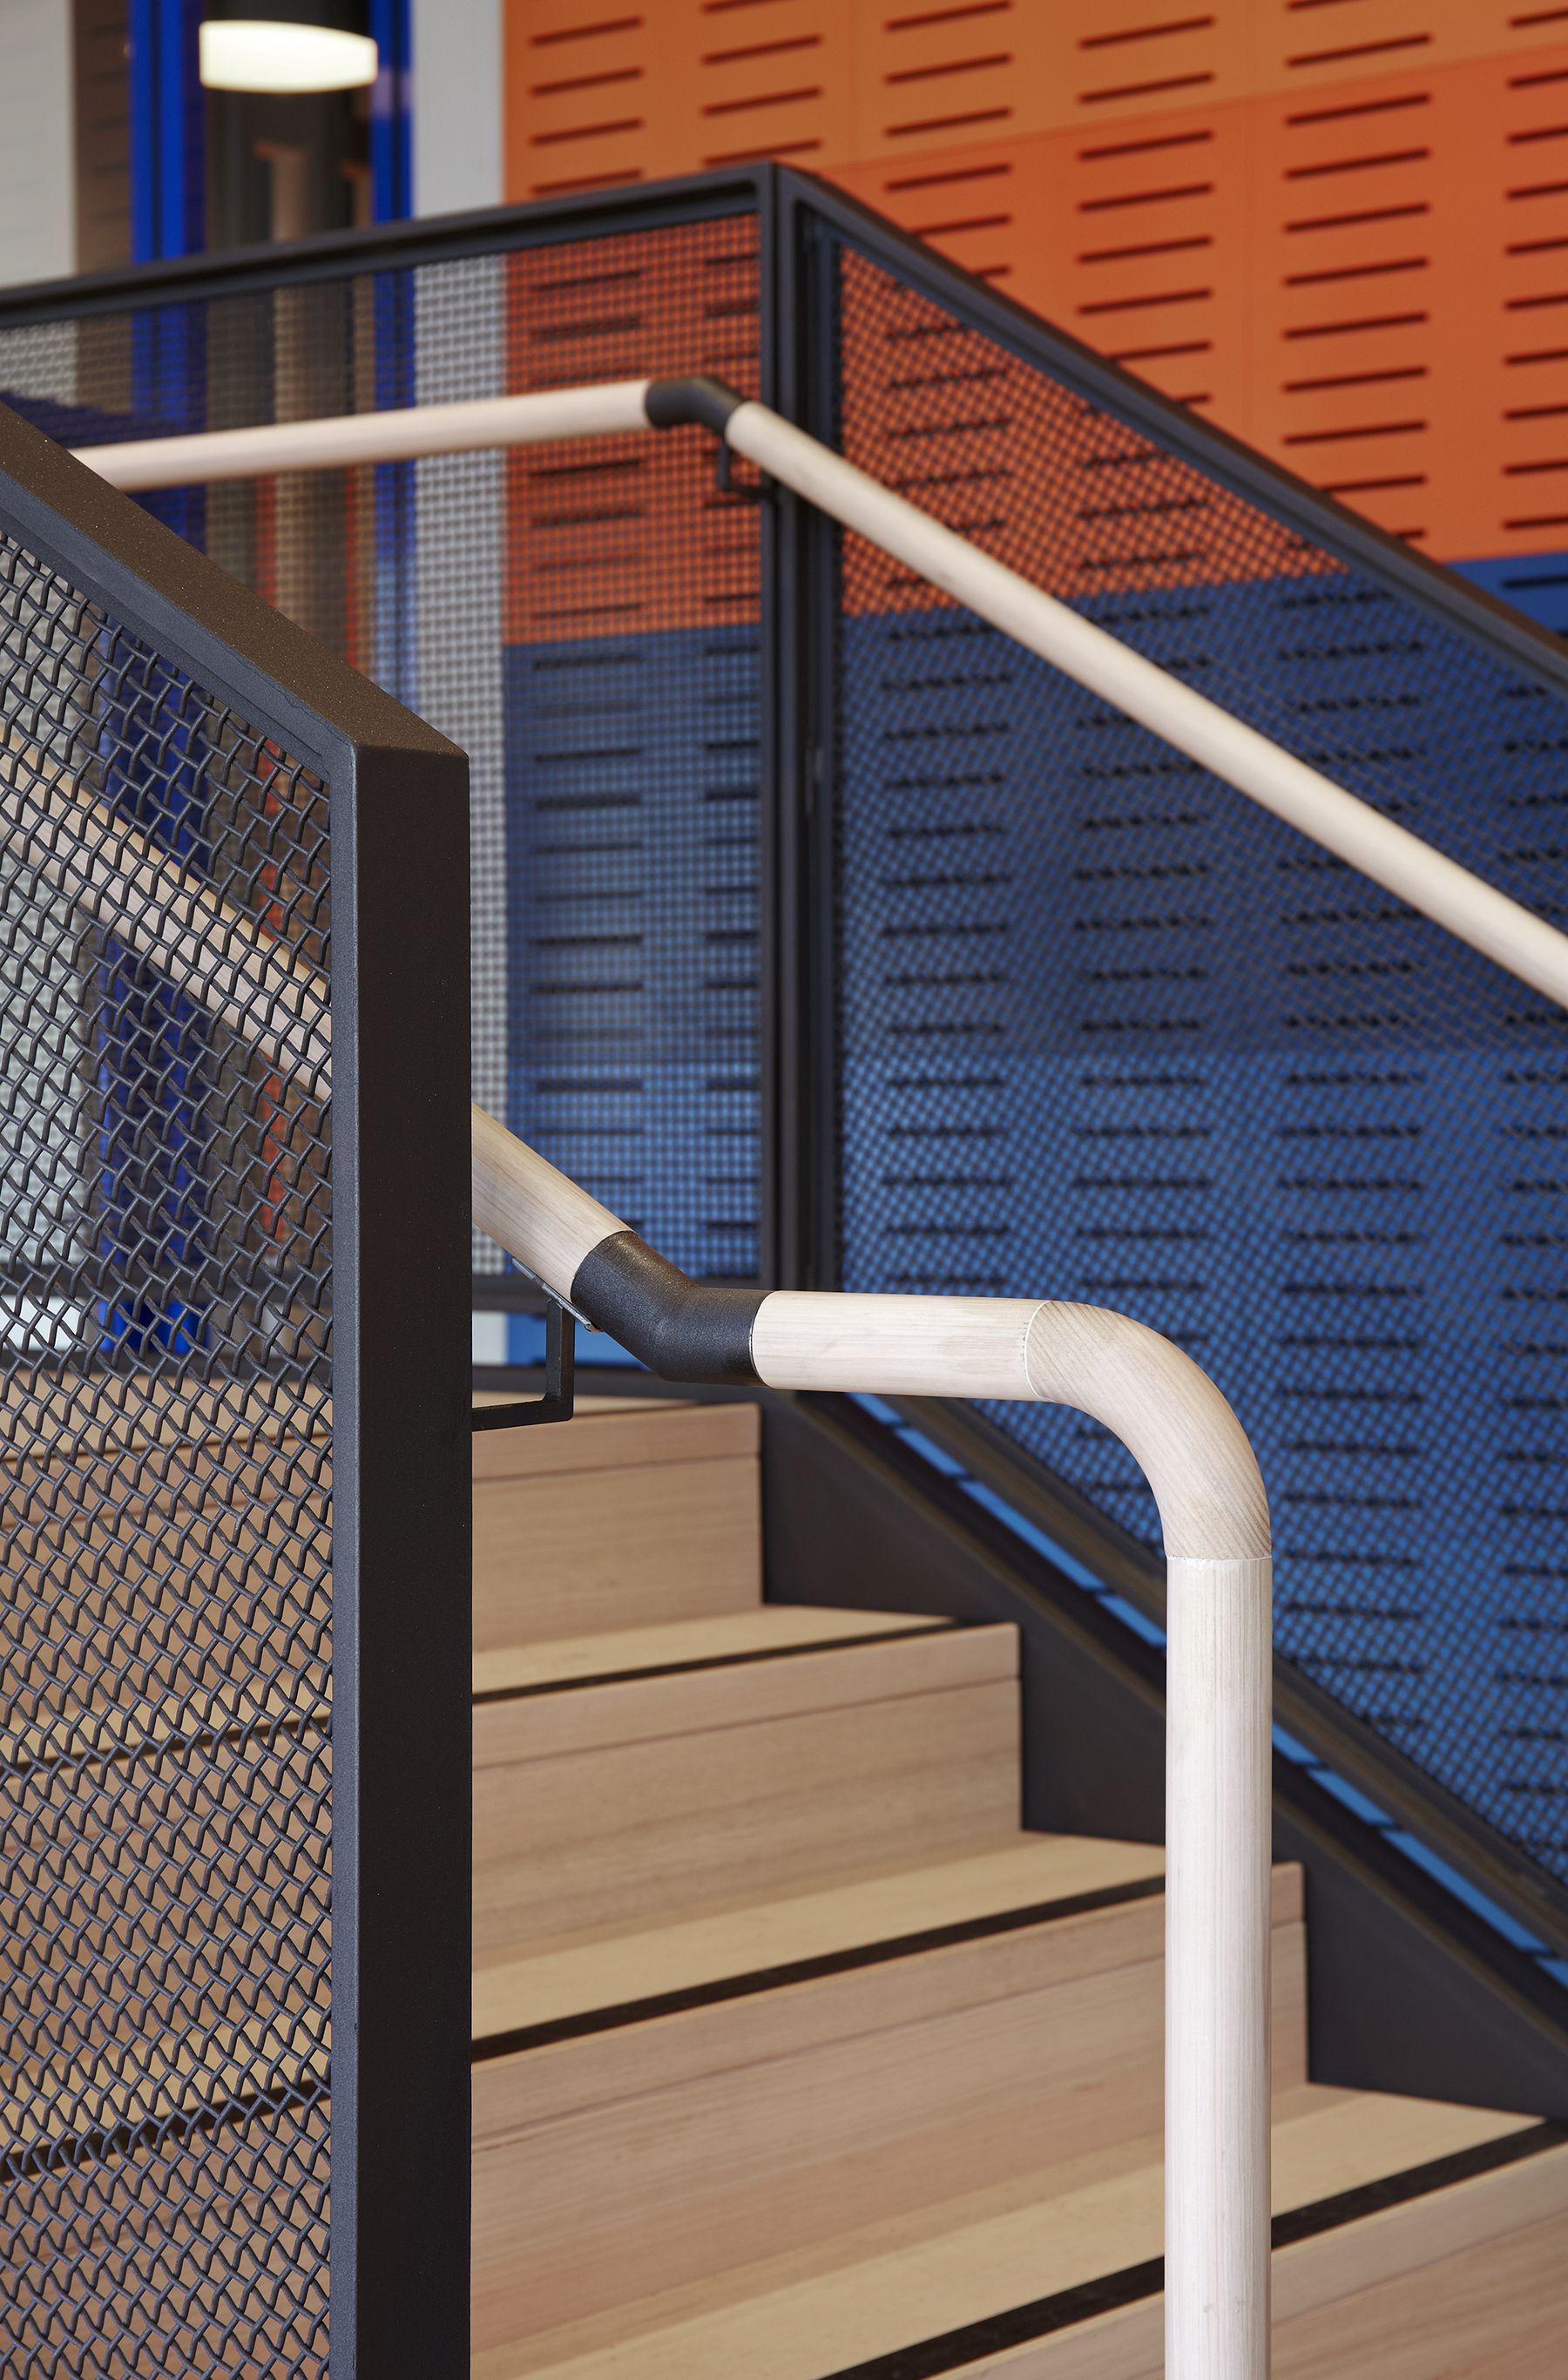 Richards Stanisich Kennards Self Storage In 2020 Self Storage Storage Interior